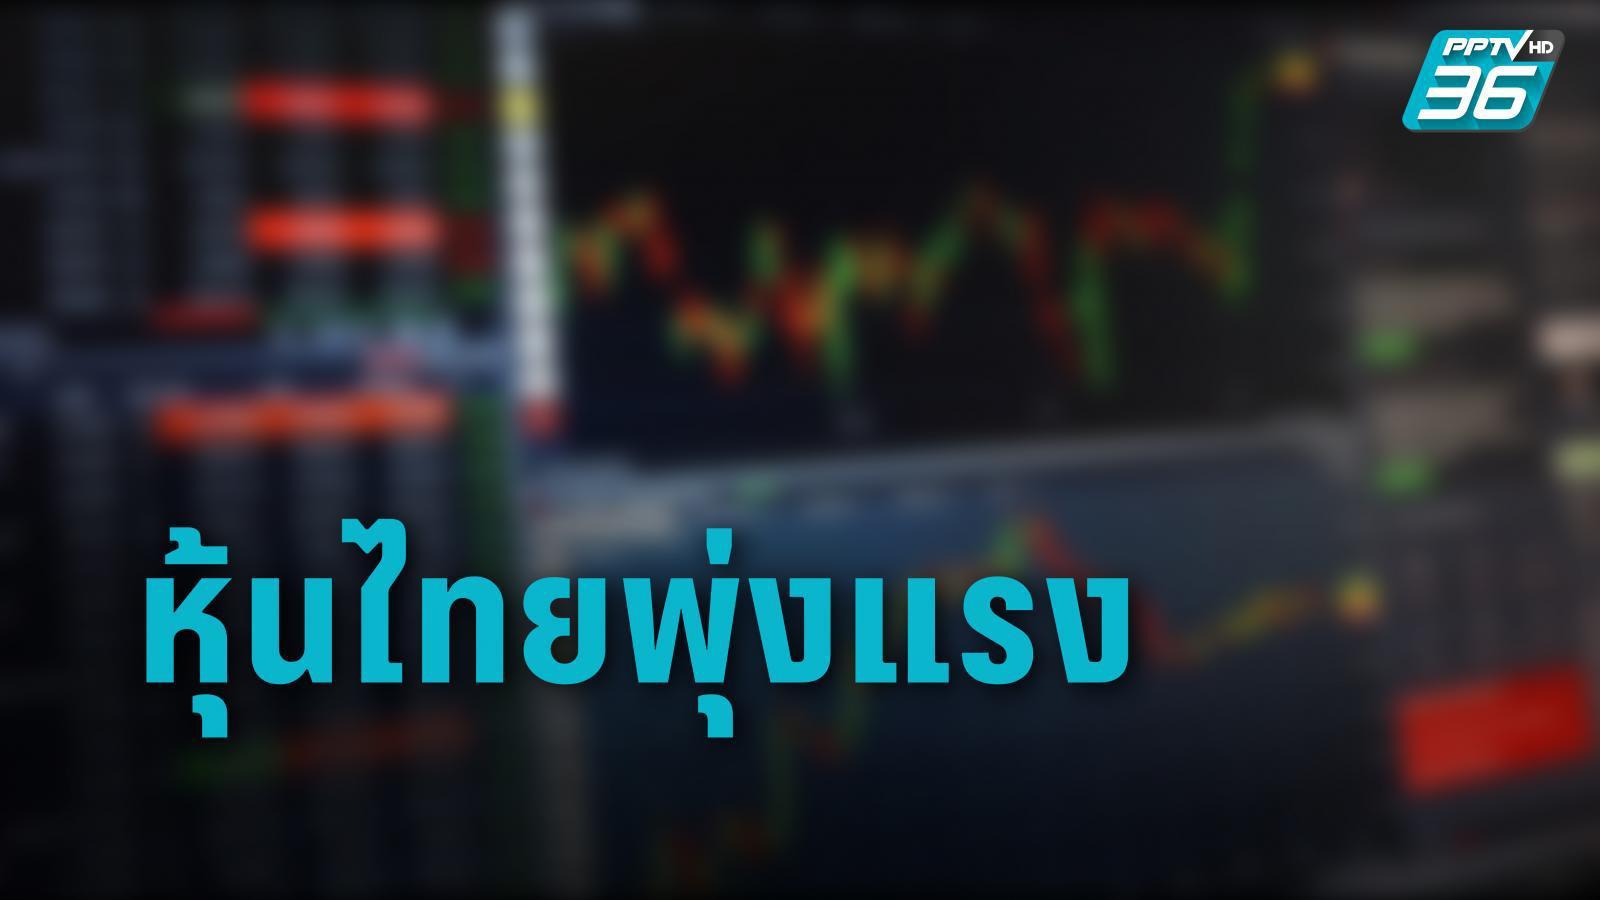 หุ้นไทยพุ่งแรง ปิดตลาดเช้า บวก 20.01 จุด ดัชนีอยู่ที่ 1,340 จุด